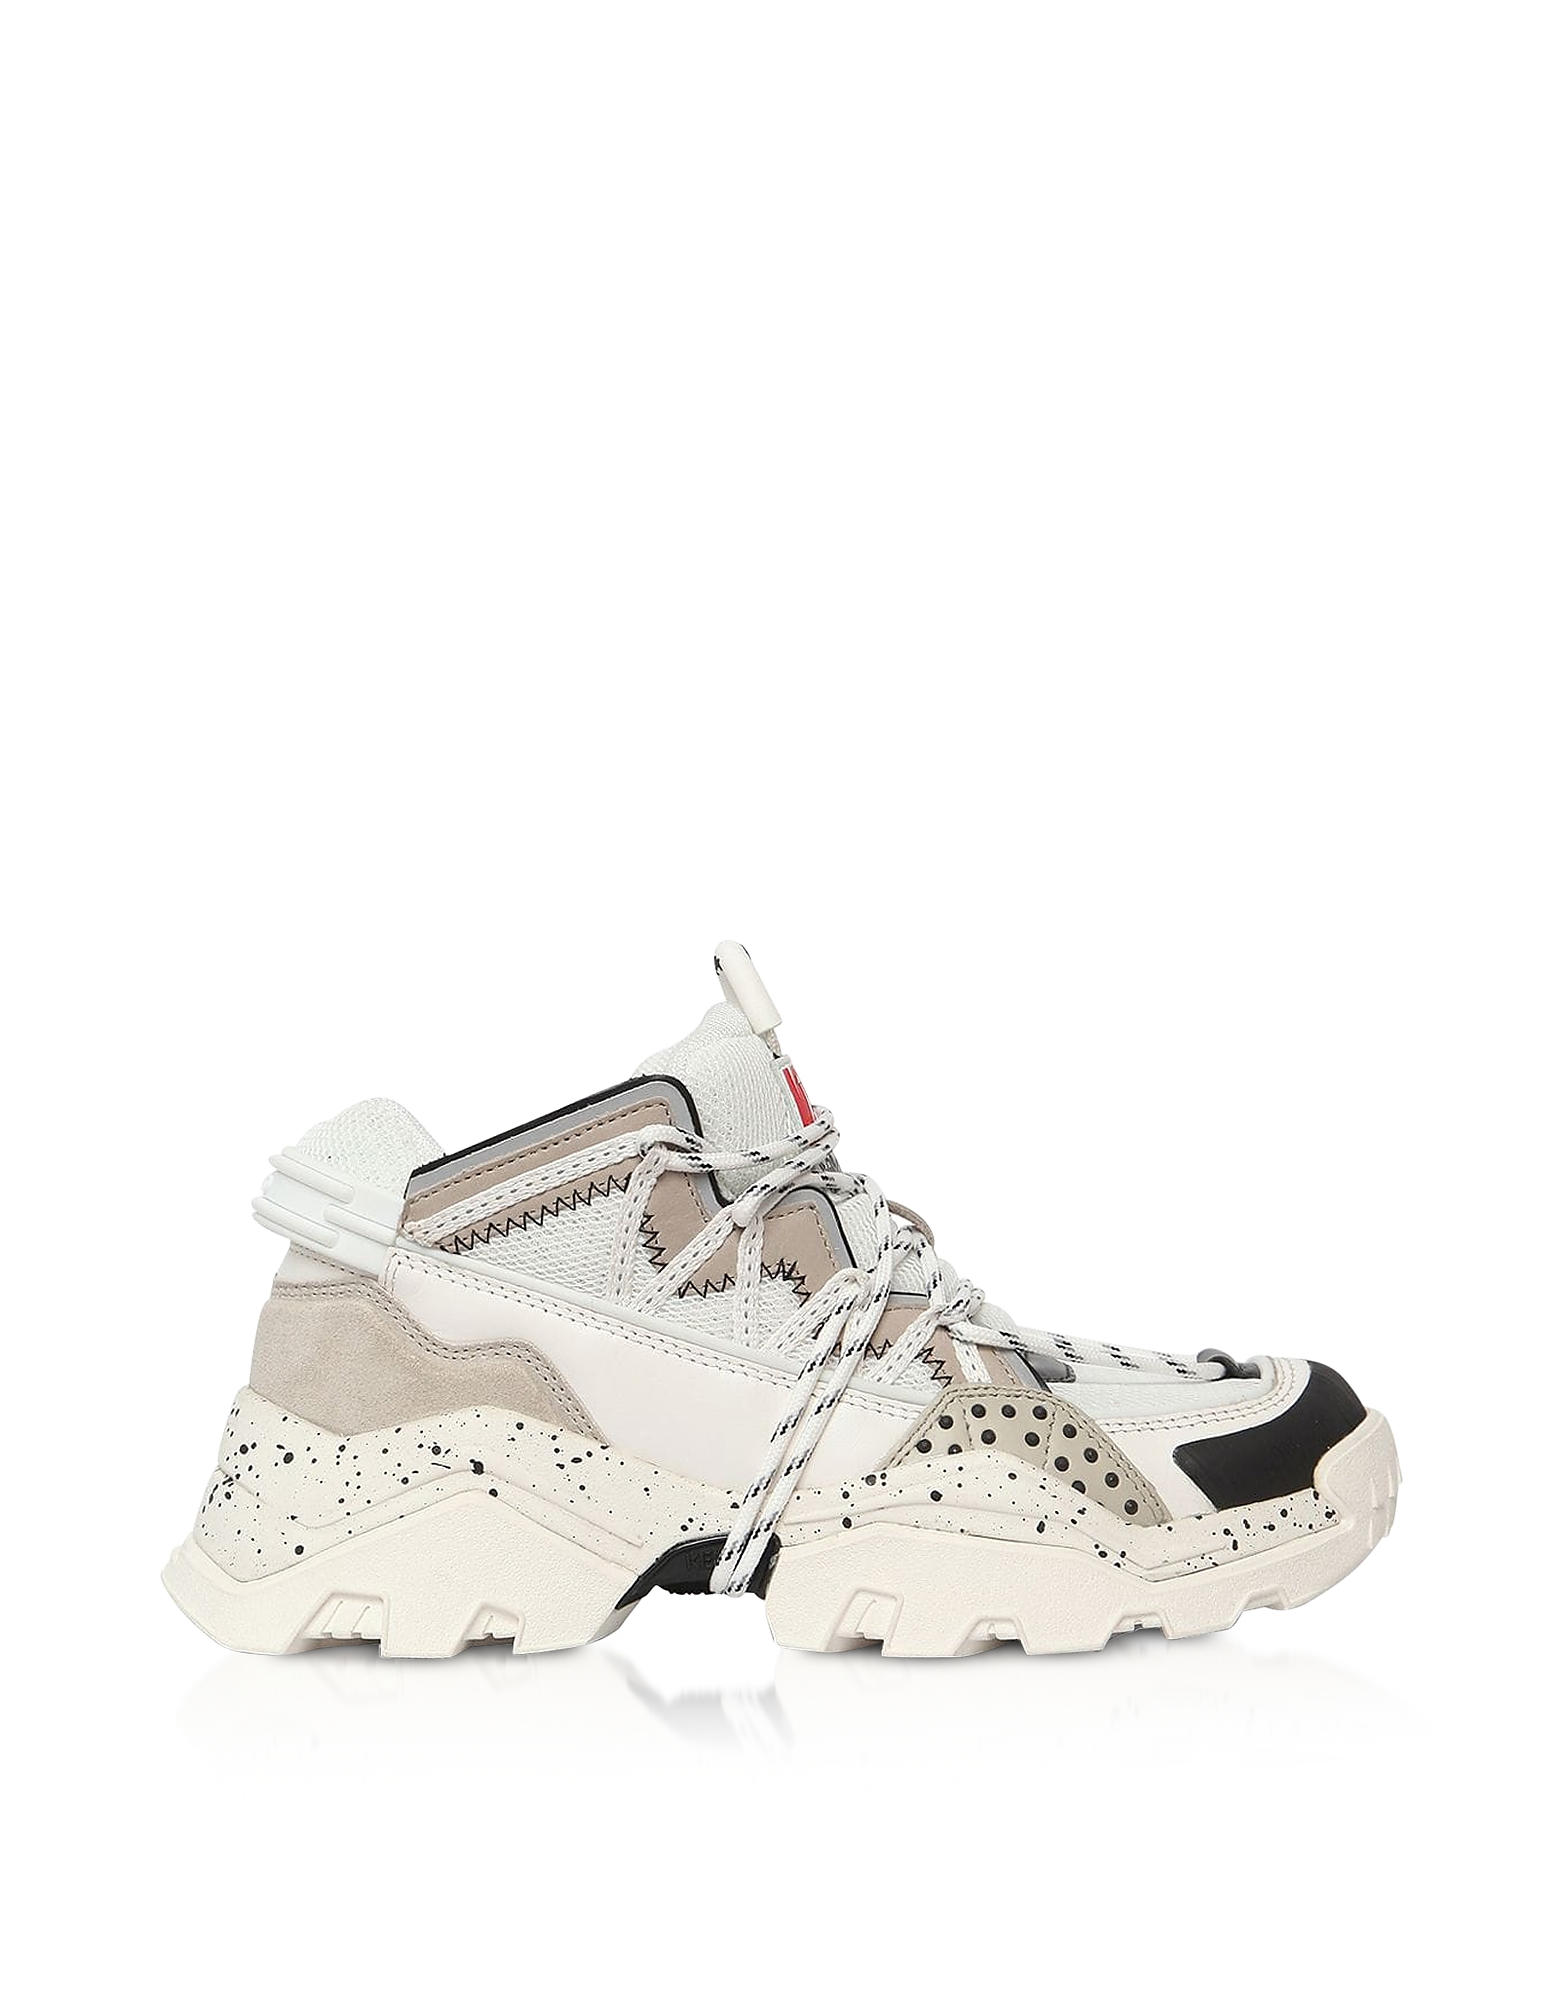 Gray Mid-Top Men's Sneakers